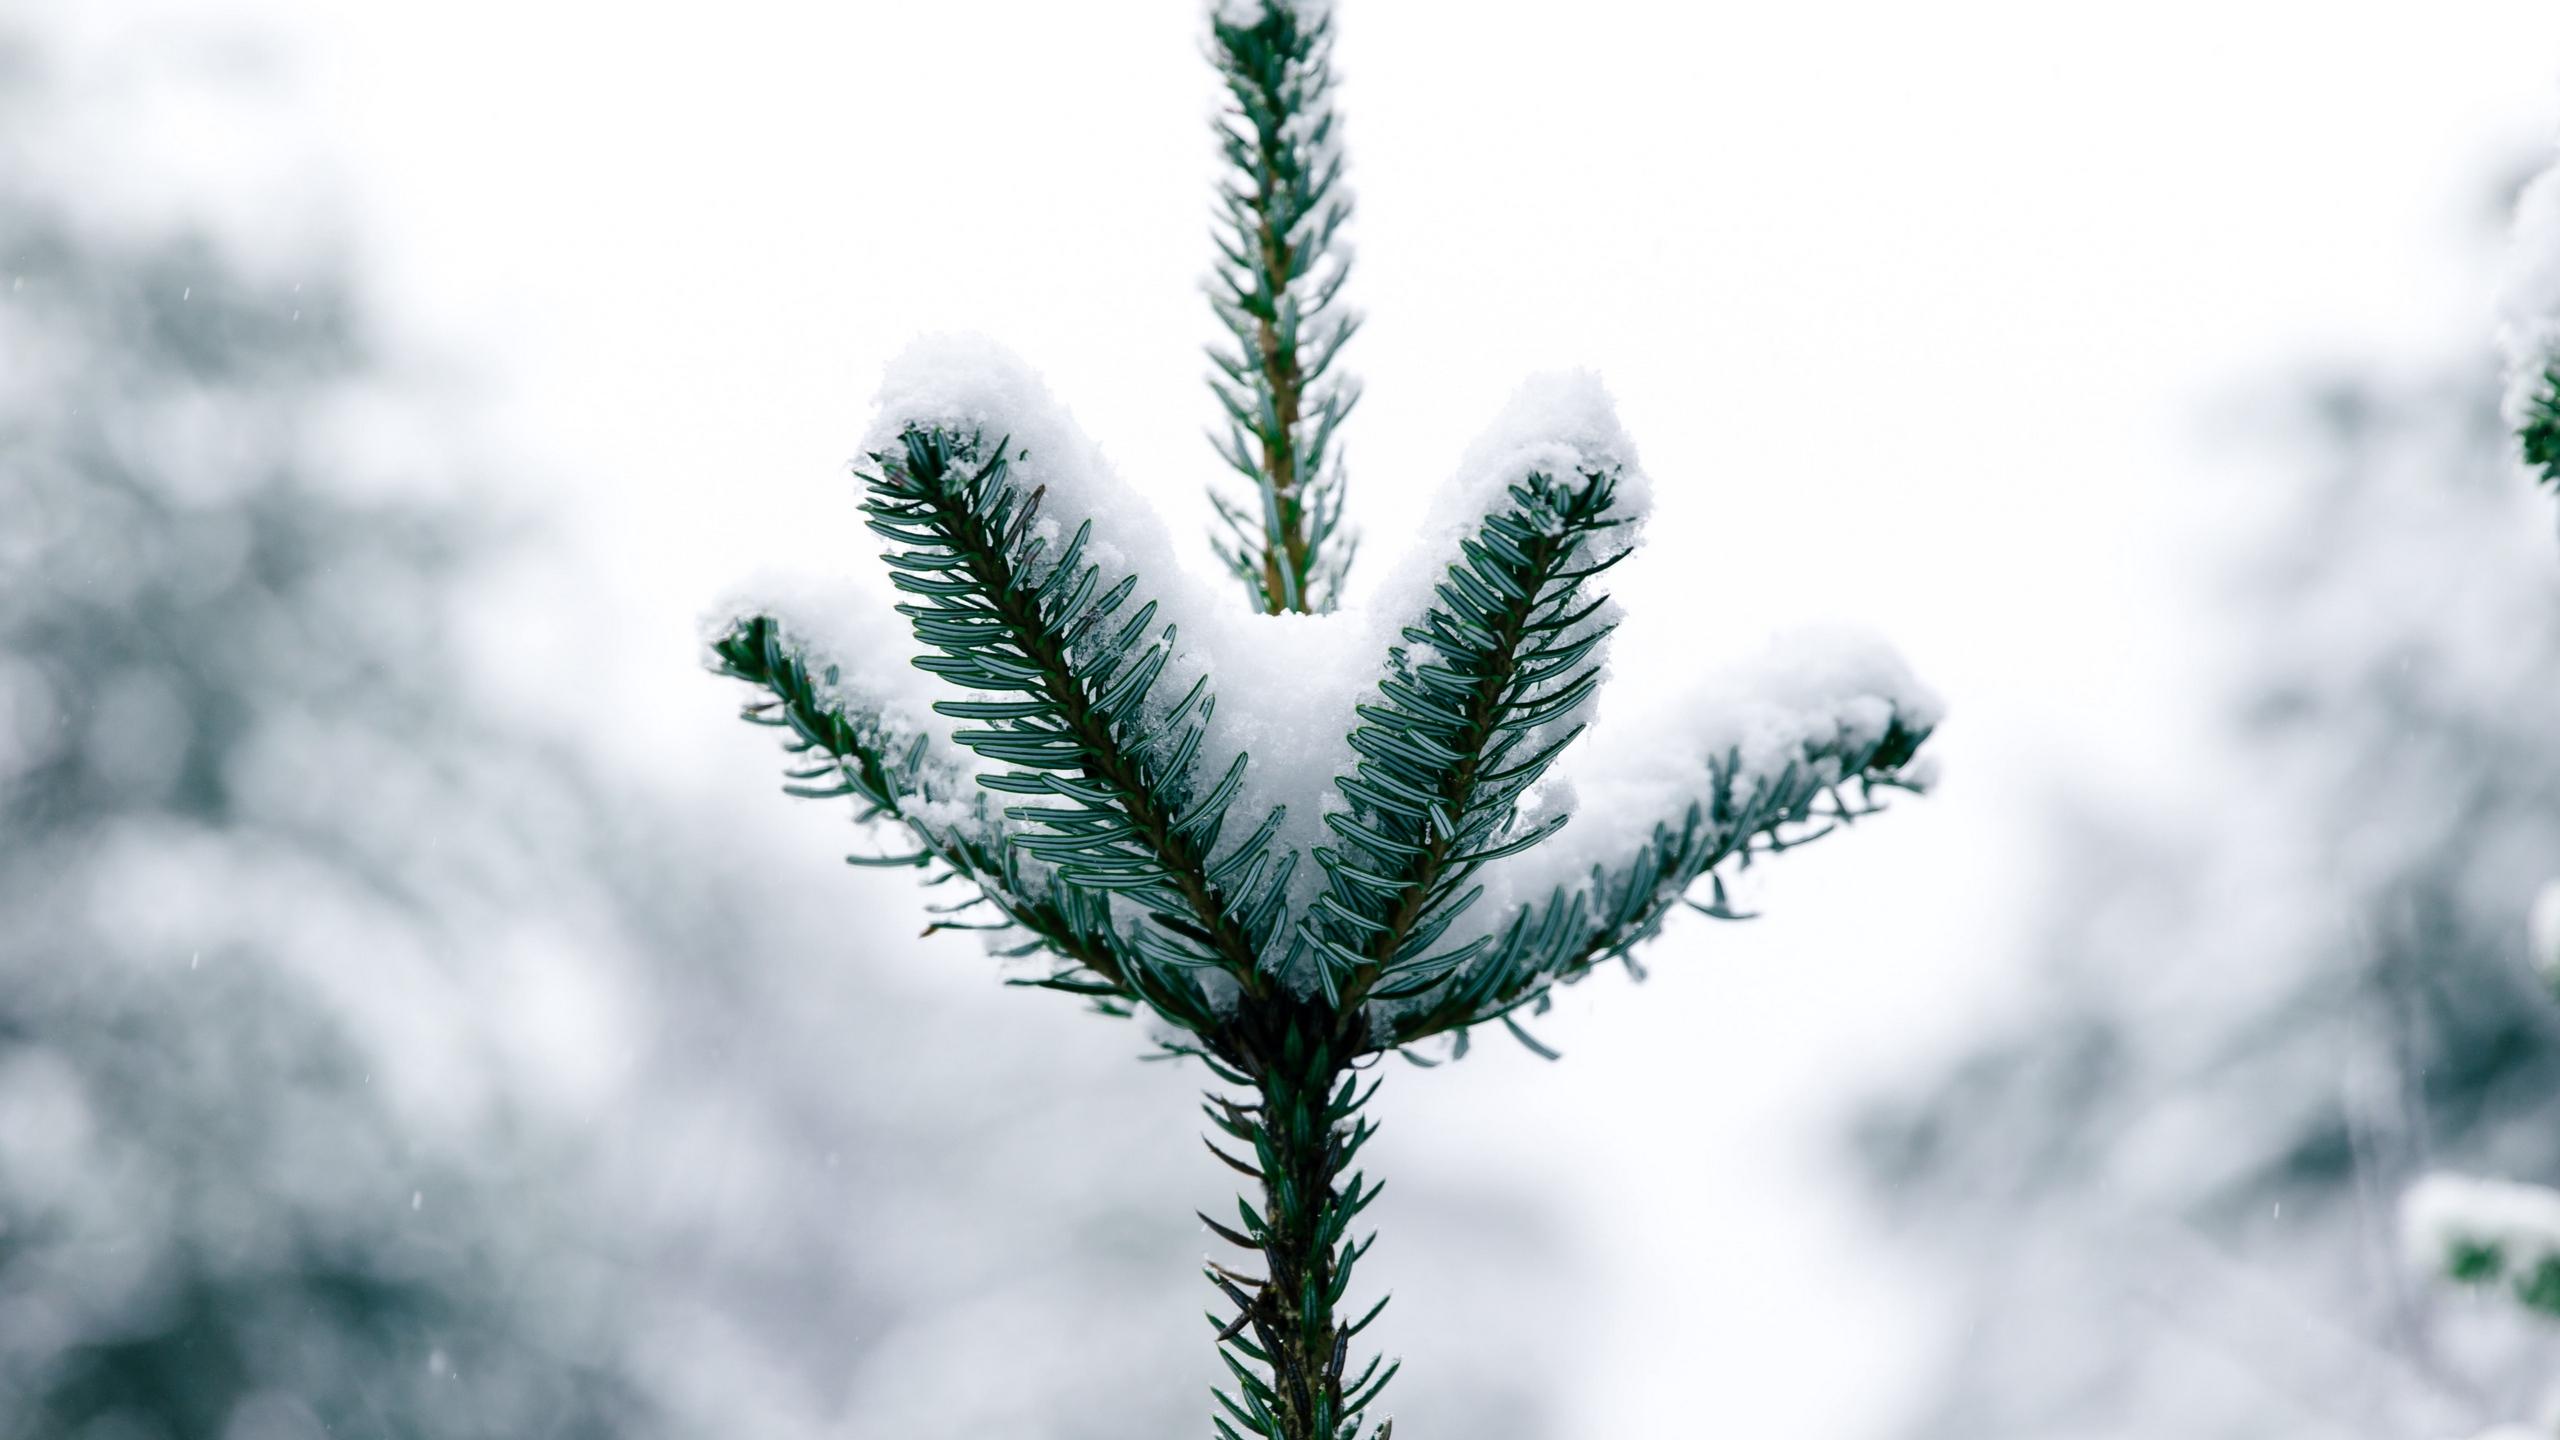 Fondos de pantalla Pino con nieve